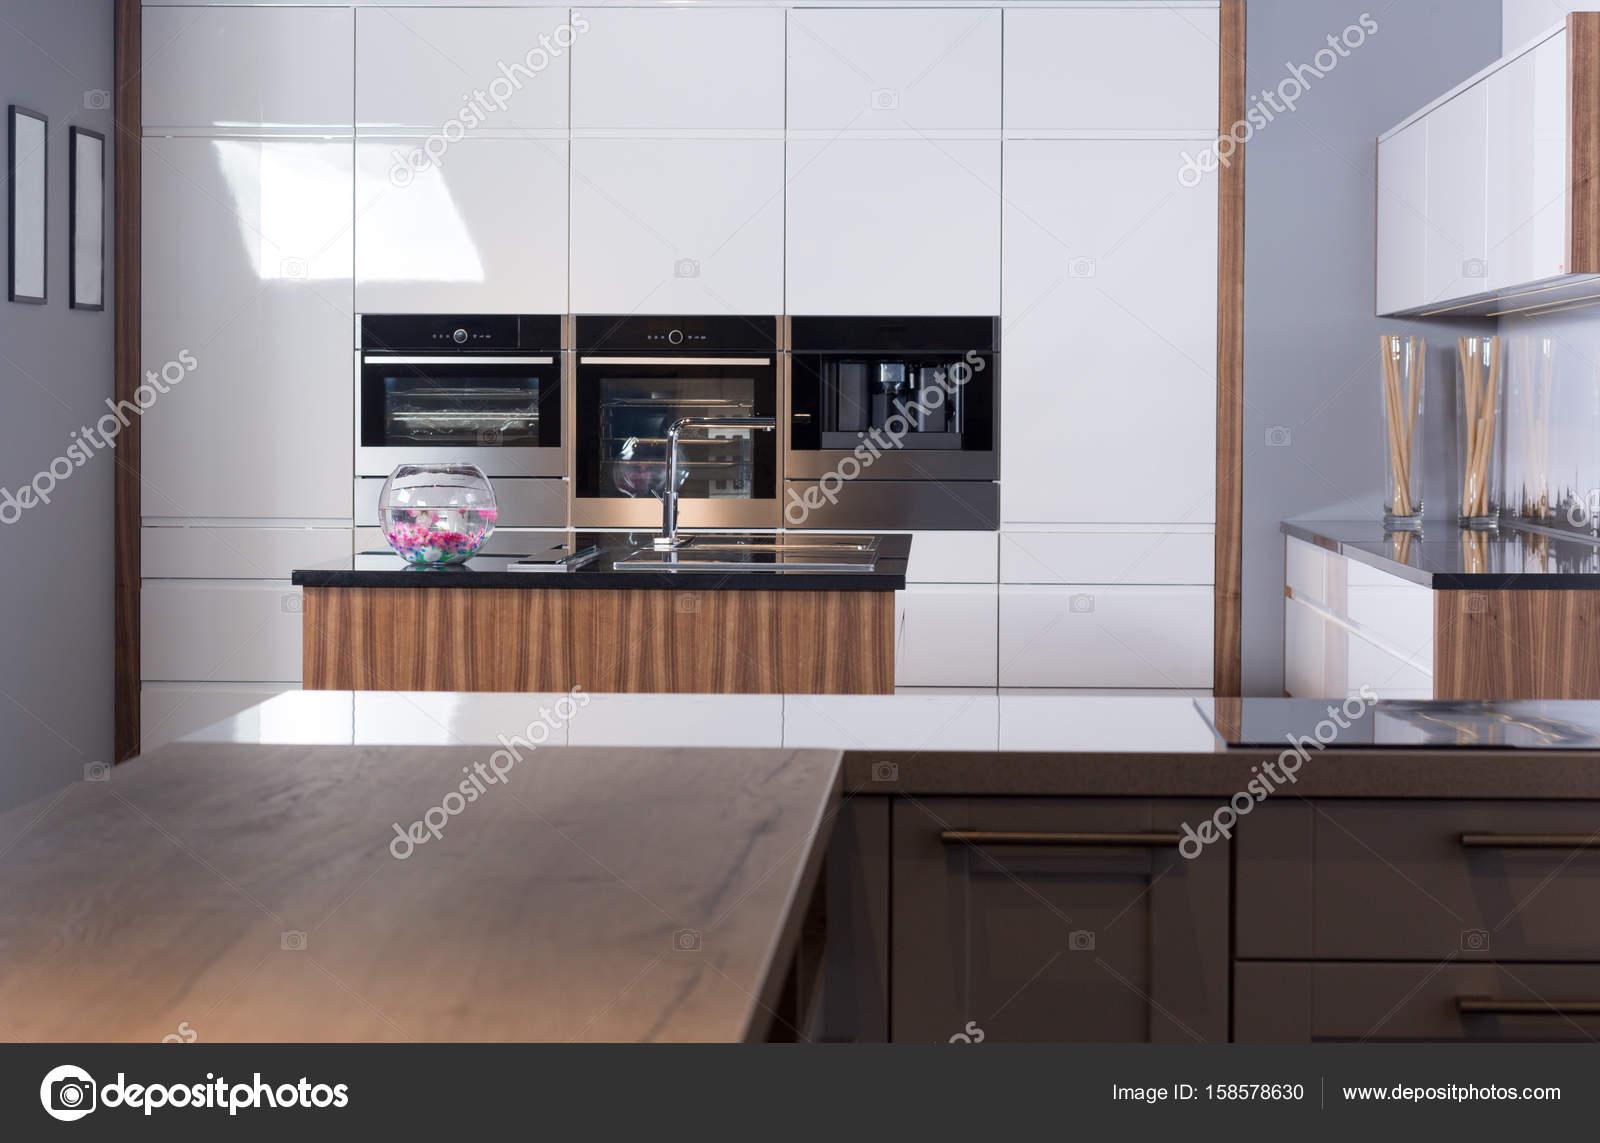 Idee der minimalistische Küche — Stockfoto © Myvisuals #158578630